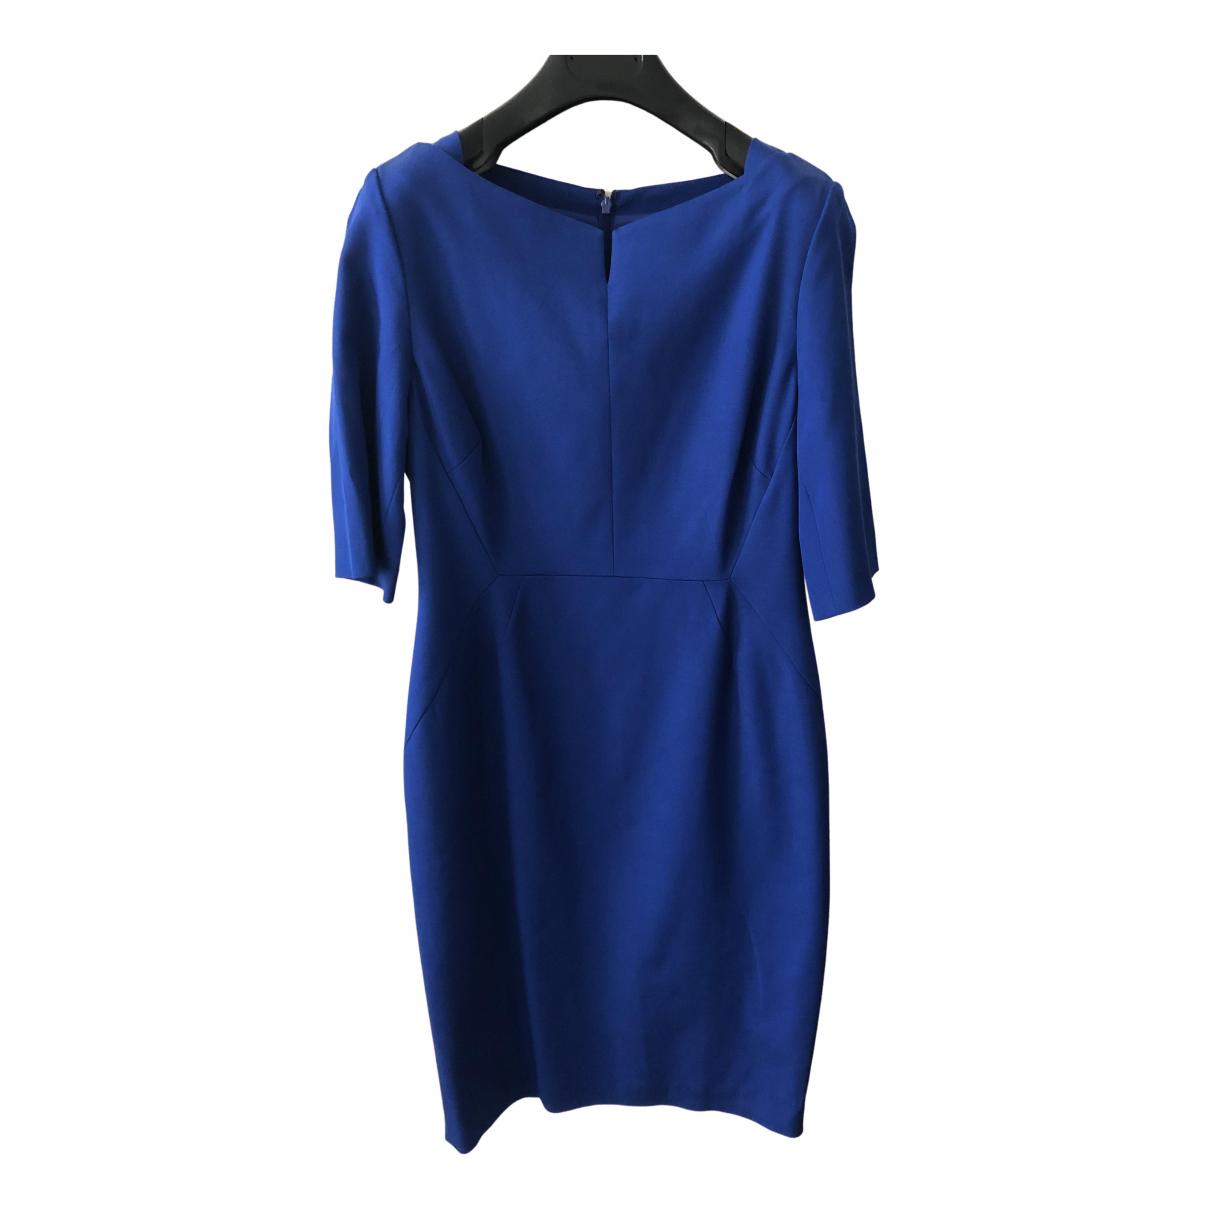 Lk Bennett \N Kleid in  Blau Viskose